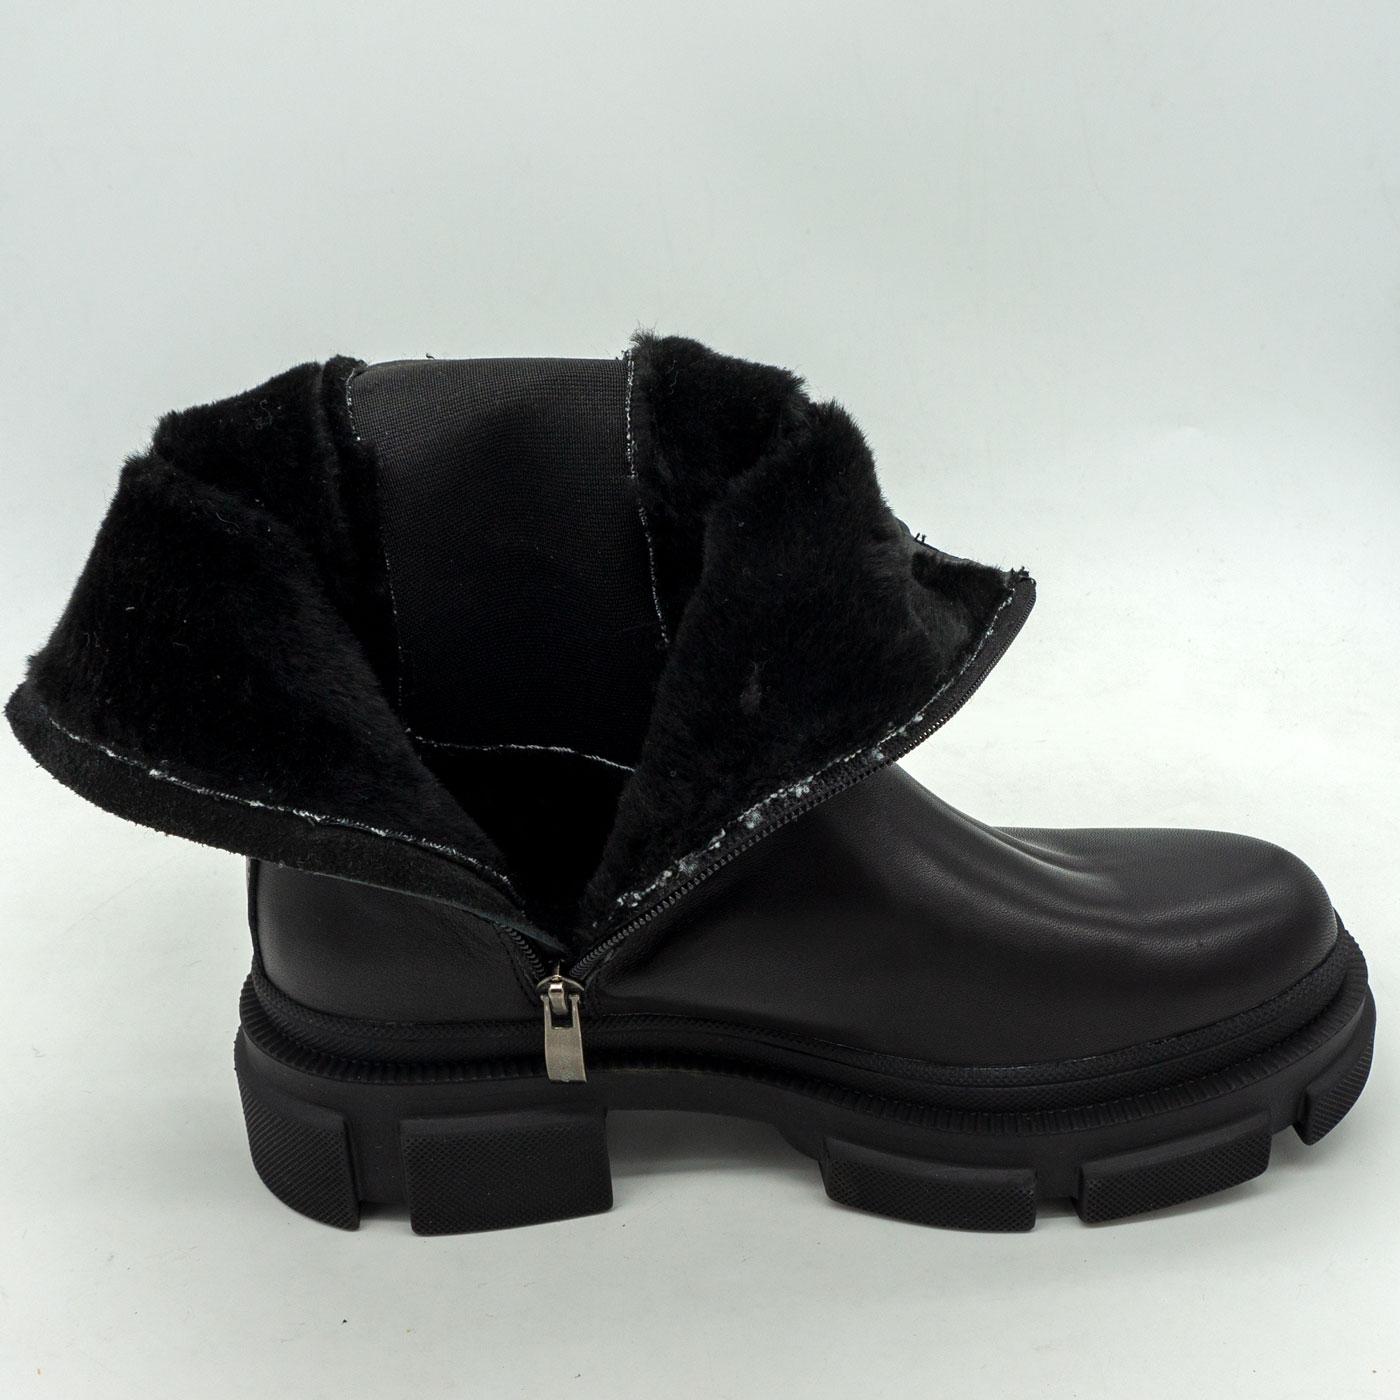 фото front Зимние черные женские ботинки в Dr. Martens на платформе - 001 front